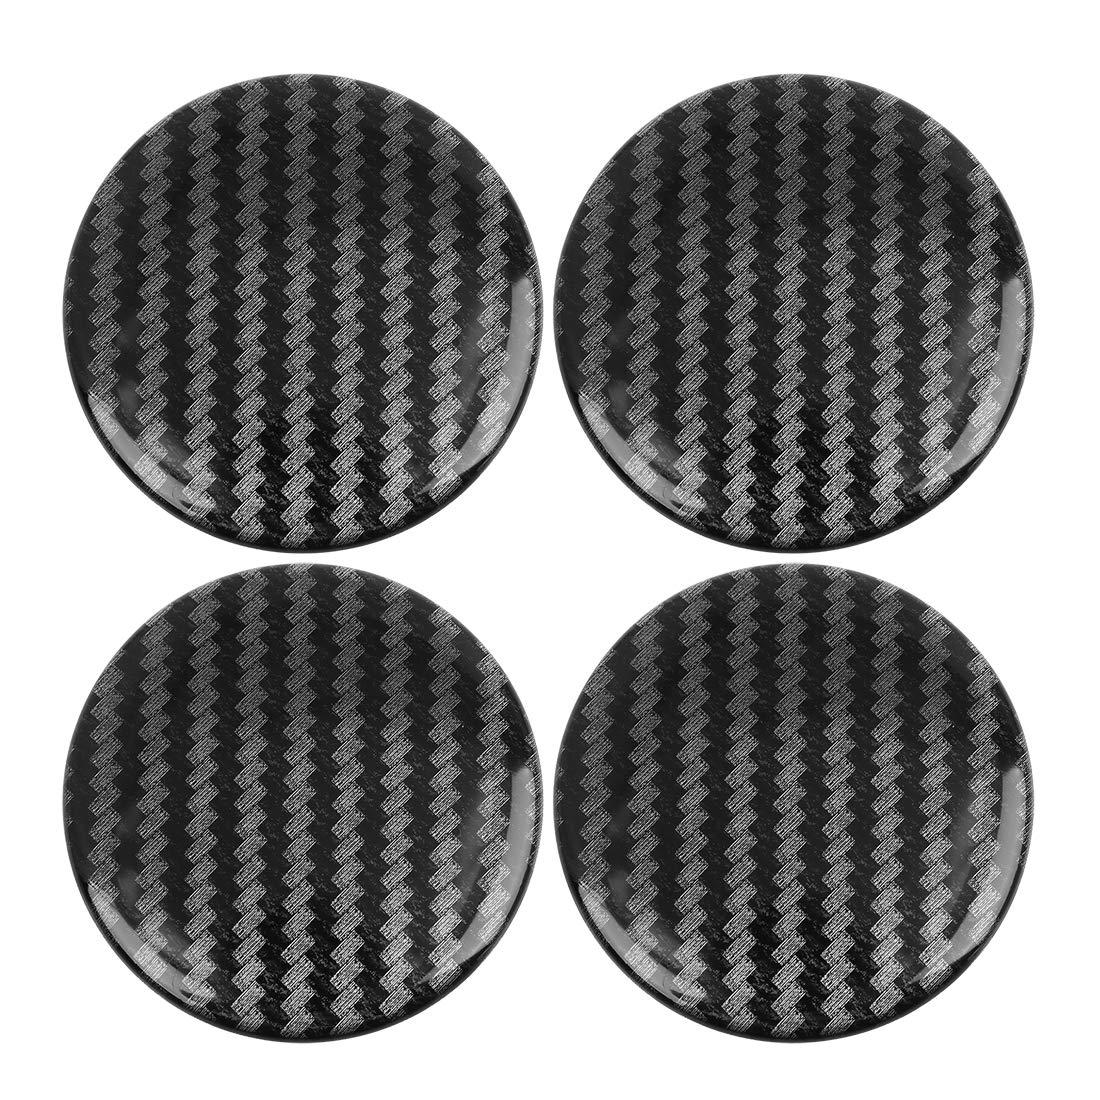 X AUTOHAUX 50mm Carbon Fiber Wheel Center Hub Cap Stickers Clear Resin 4pcs